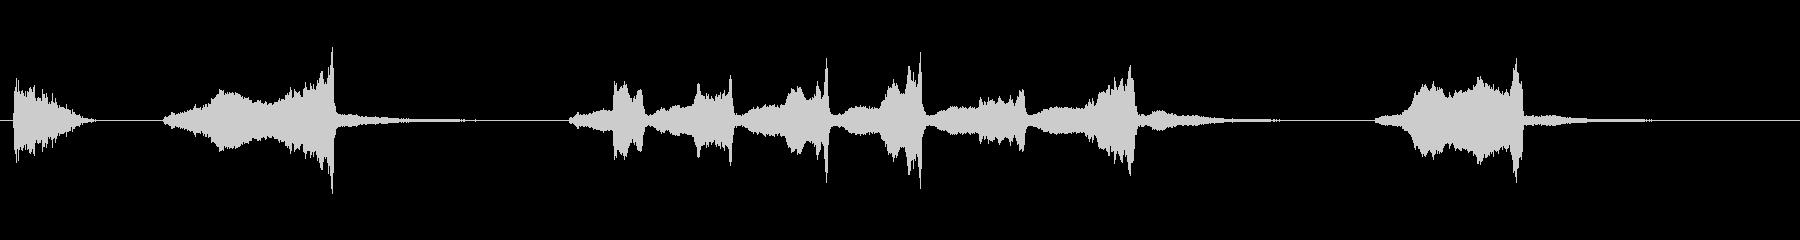 モール3の未再生の波形